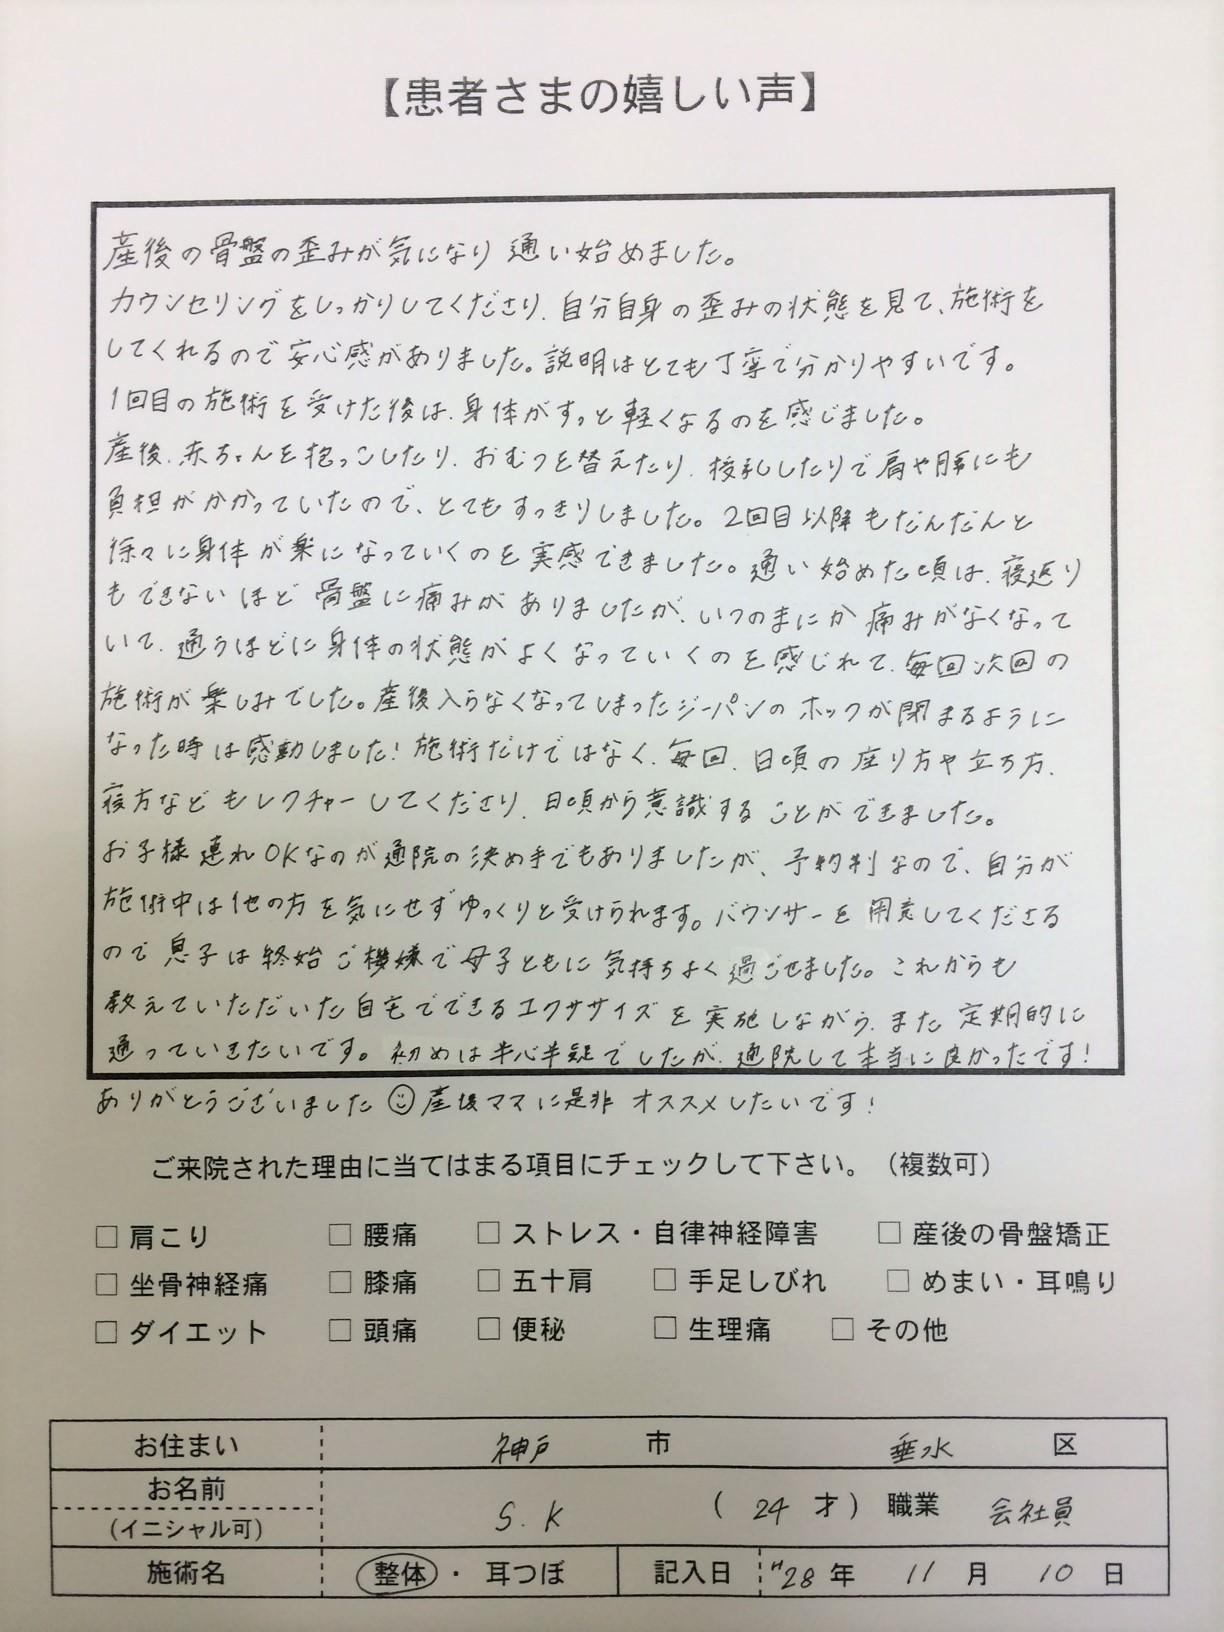 産後骨盤矯正⑨神戸市垂水区 S.K様 24才 会社員 .jpg